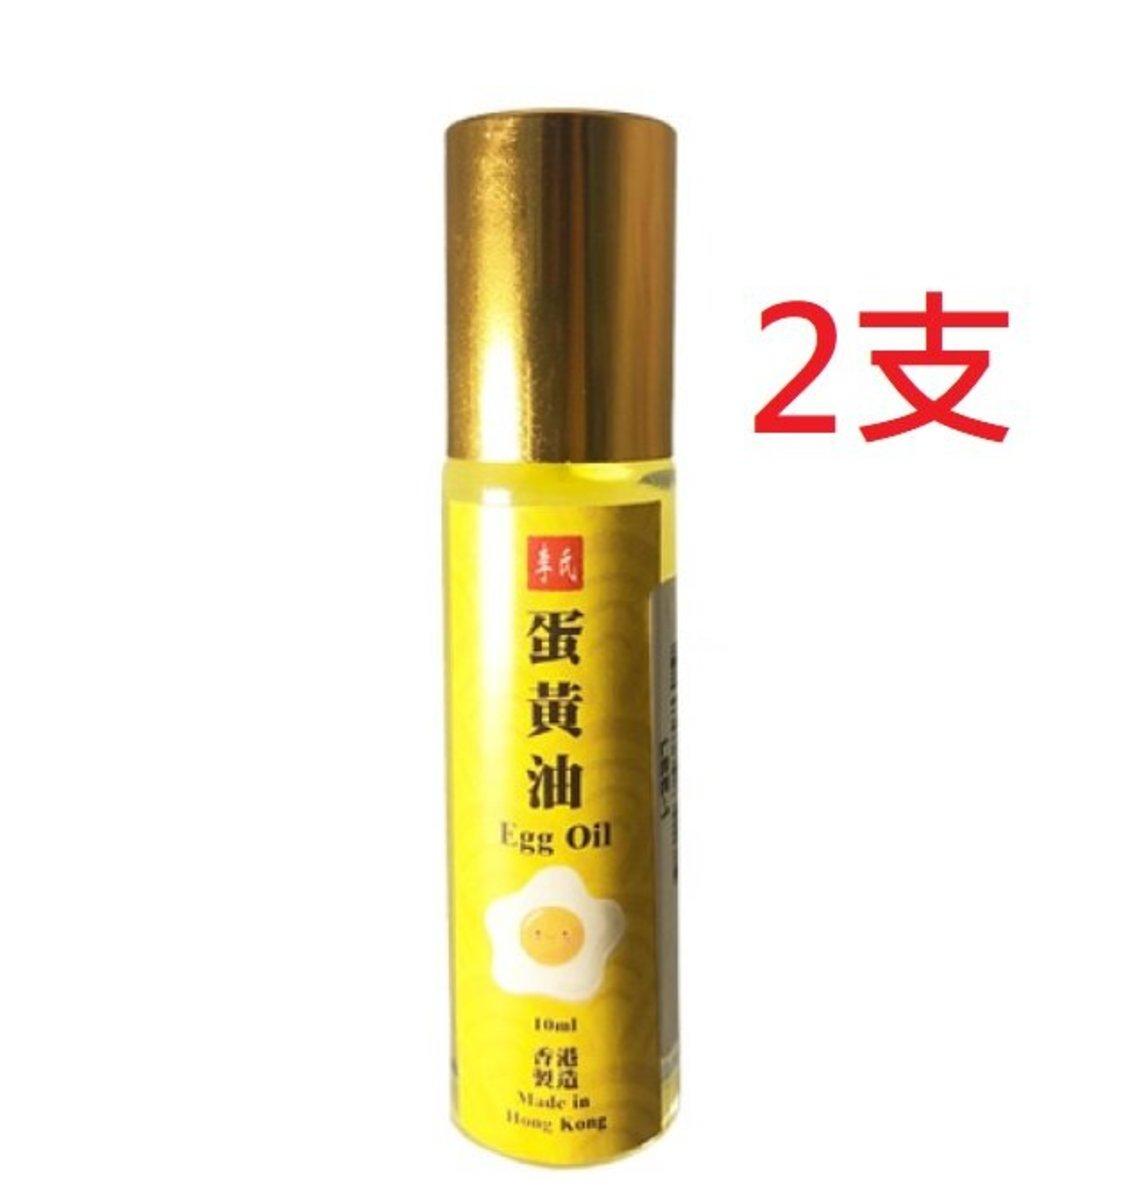 有機黃金蛋黃油 10ml - 2支